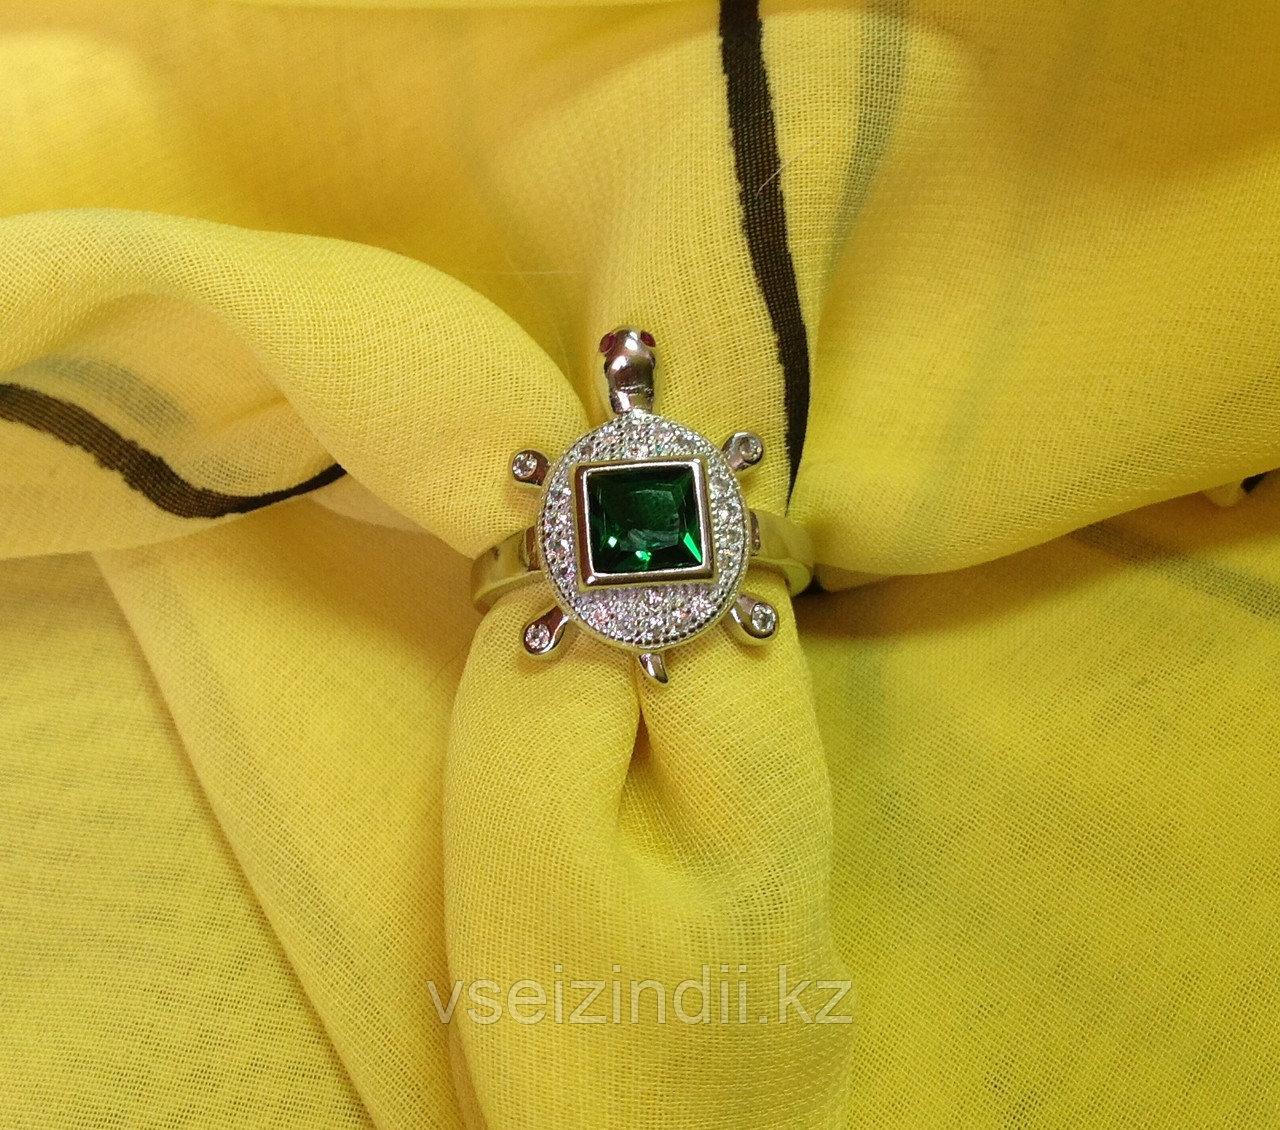 Серебряное кольцо женское черепашка с зеленым фианитом 17.0 размер